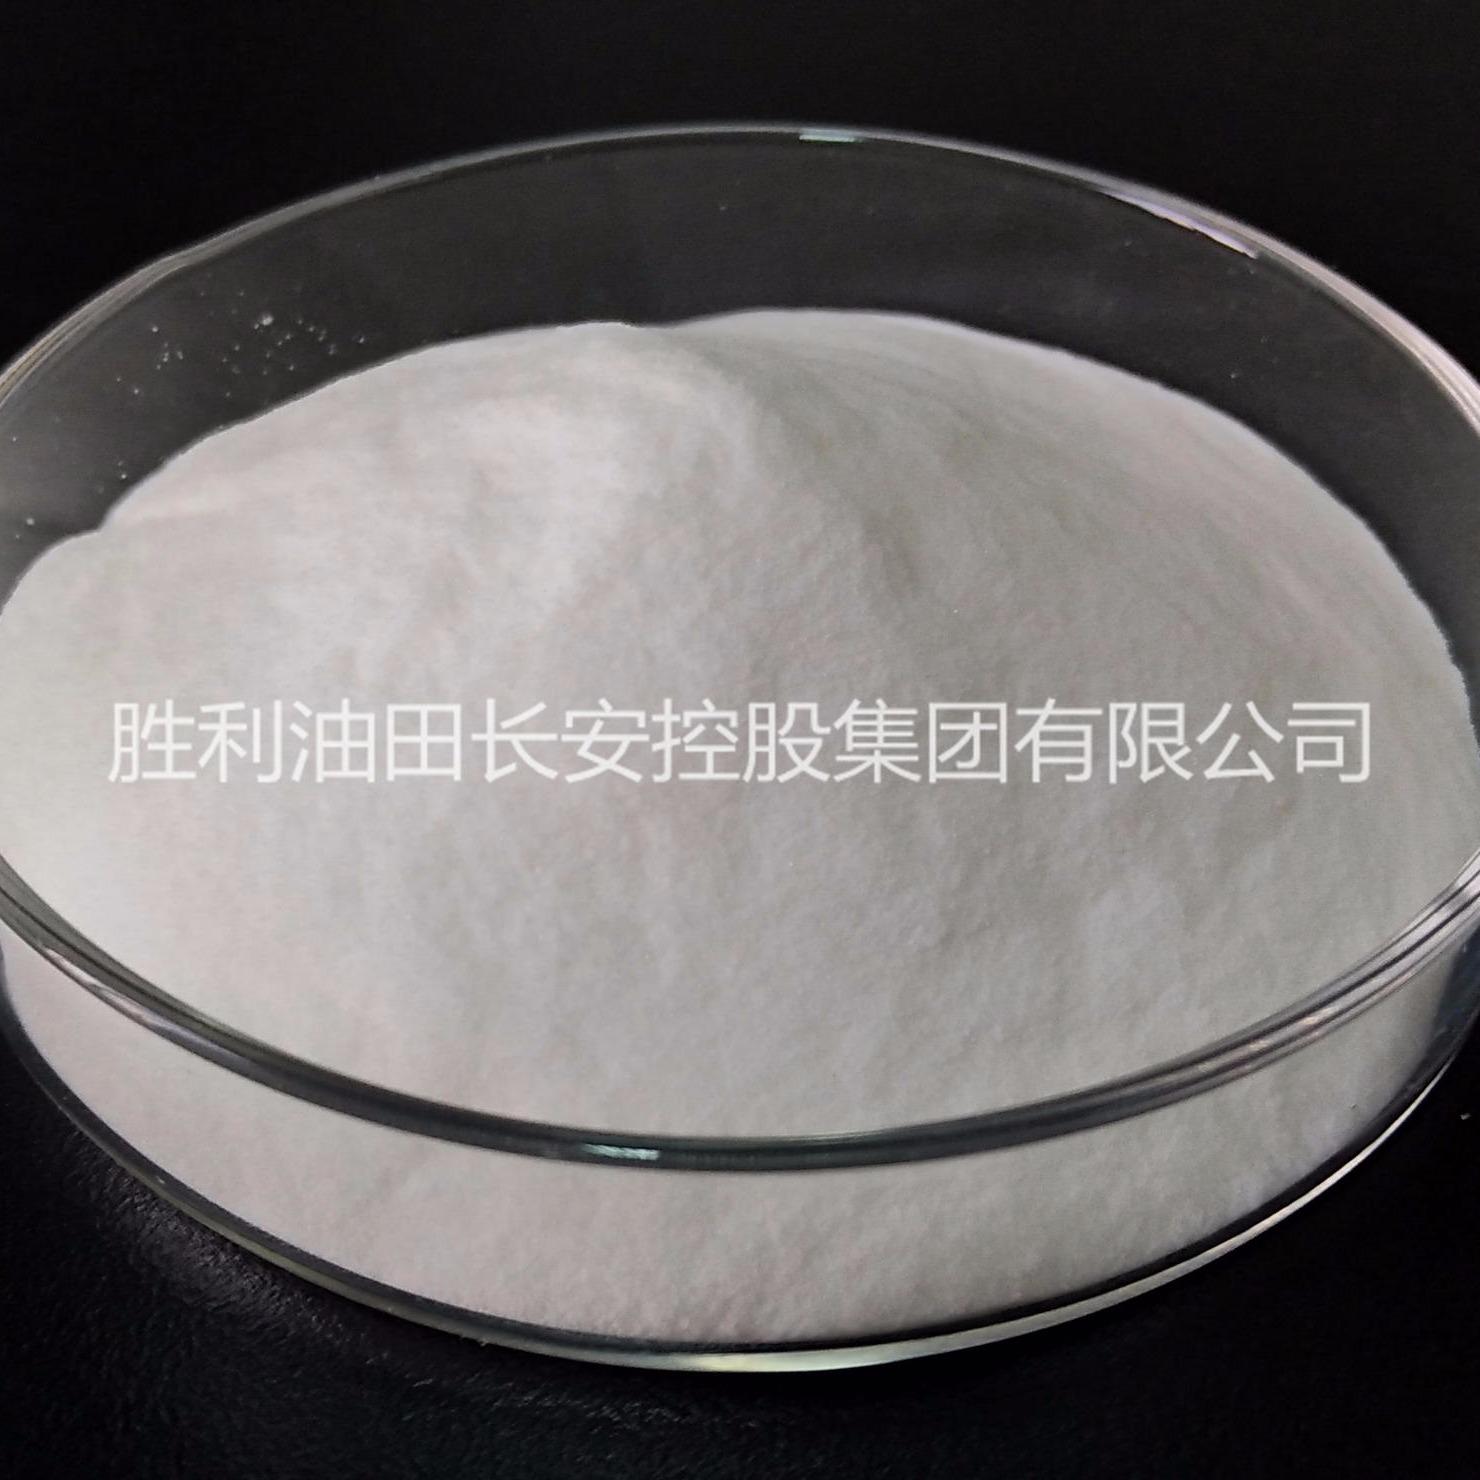 尿袋用吸水树脂 长安CA-80、吸水树脂、高分子吸水树脂图片